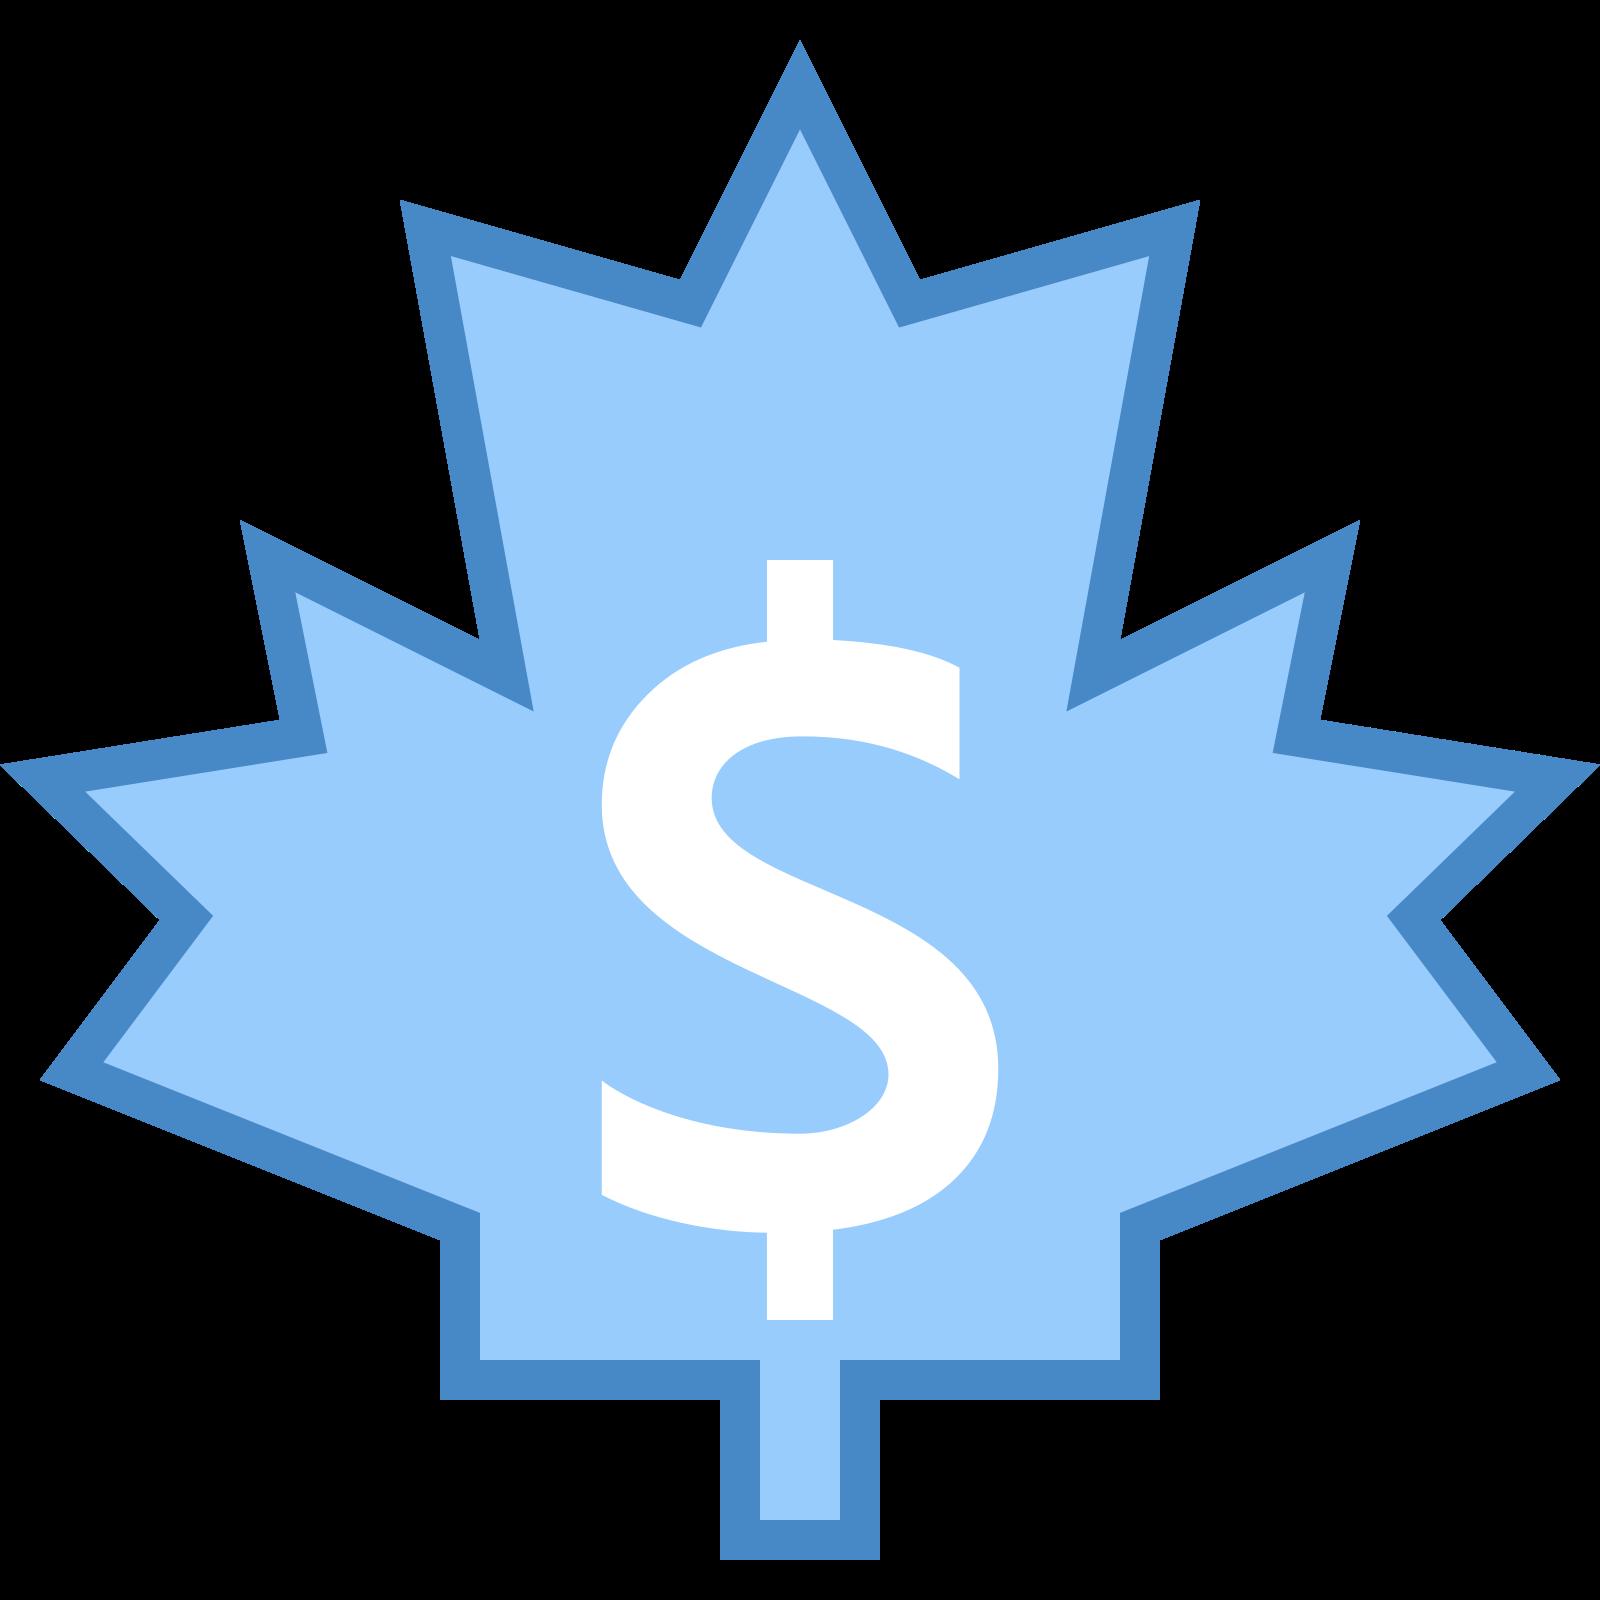 加拿大美元 icon. A Canadian dollar icon is a maple leaf with a dollar sign in the center. A maple leave consists of many zigzag edges, but a flat bottom with a stem attached. The dollar symbol is a S but on the top and bottom of the S, there is a little line attached to it.